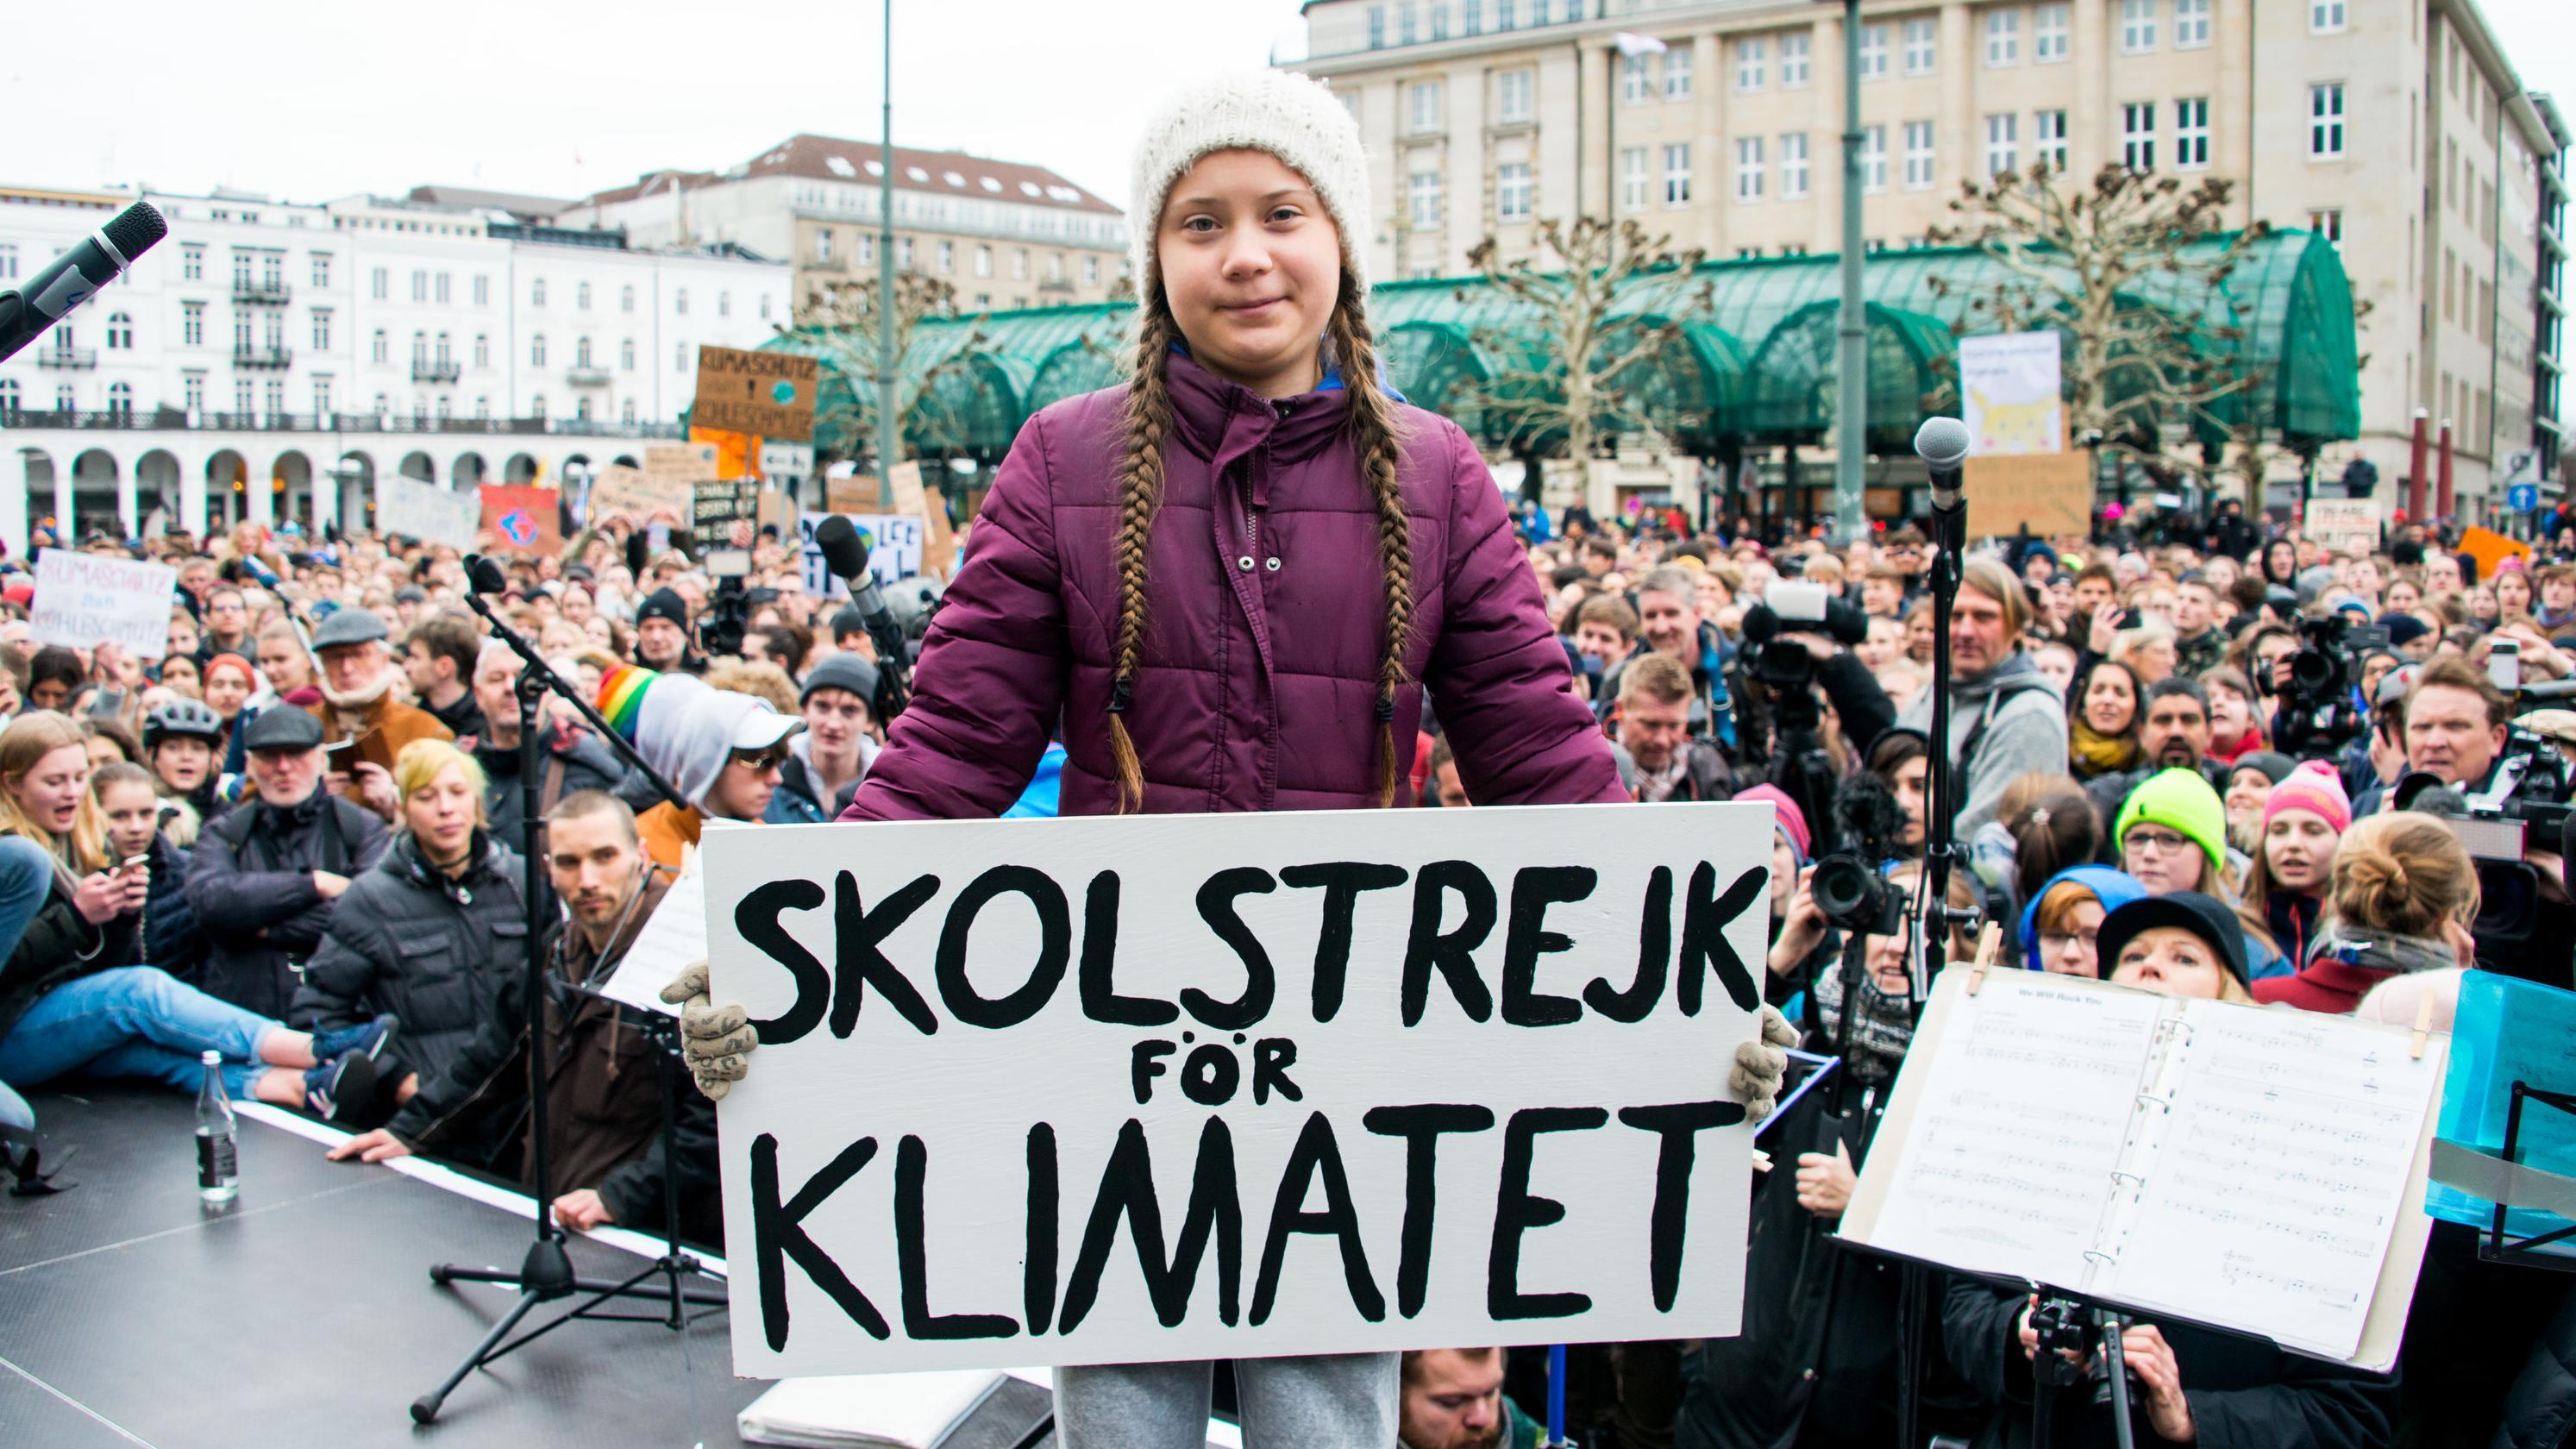 Klimaaktivistin Greta Thunberg in Hamburg.